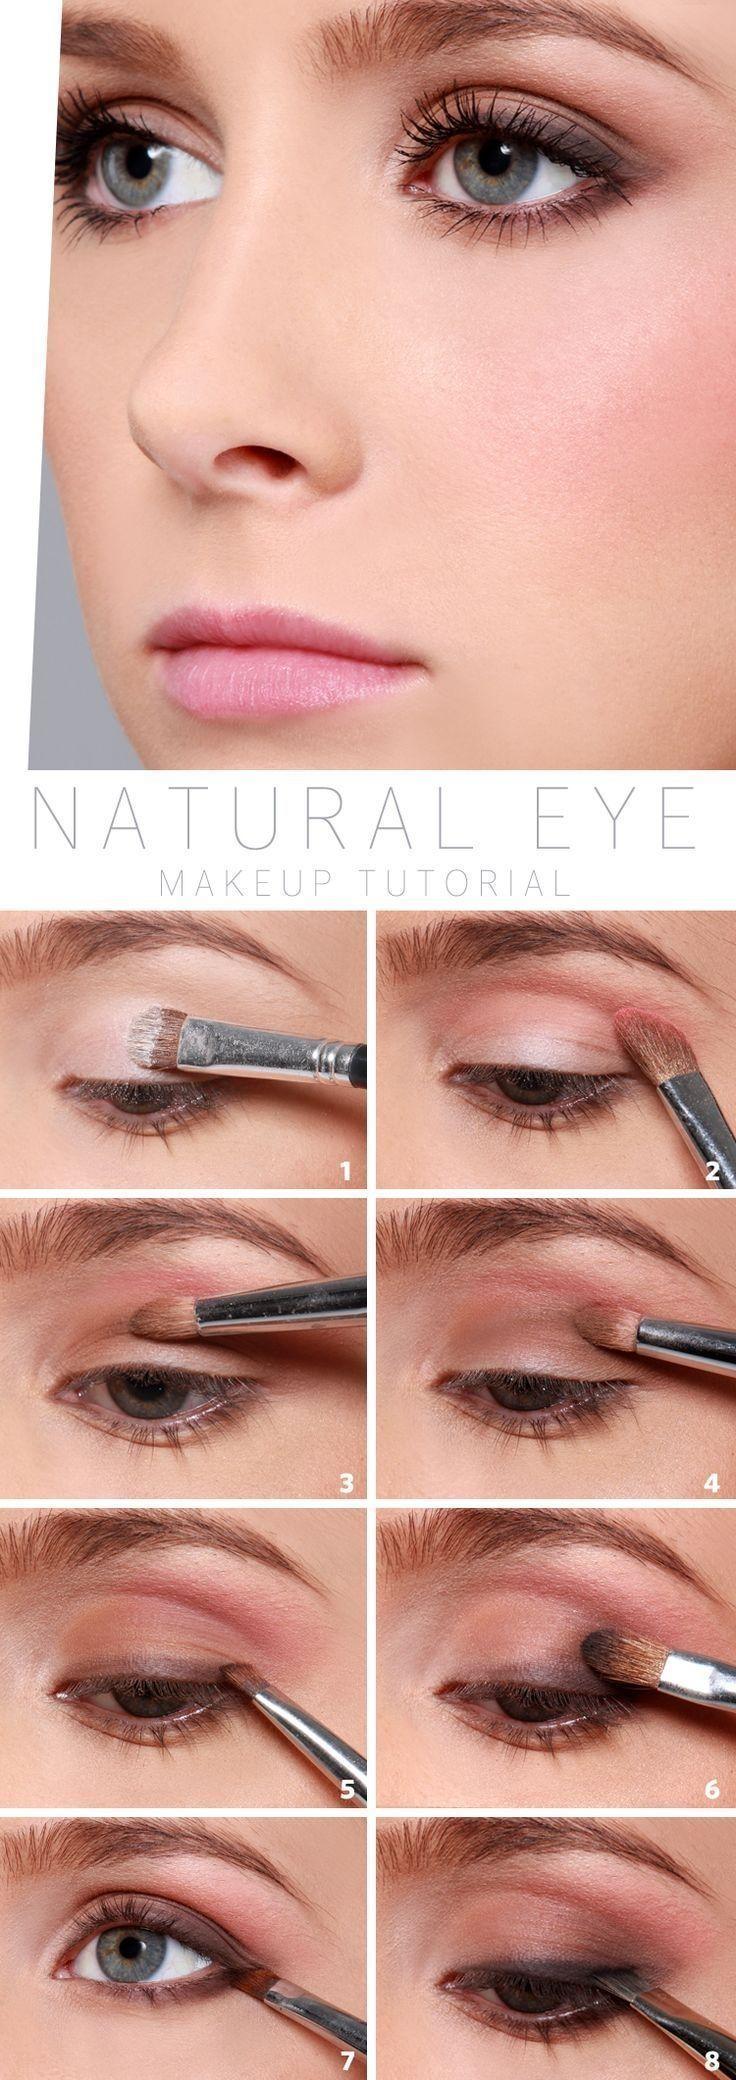 Quick Makeup For Work Tutorials